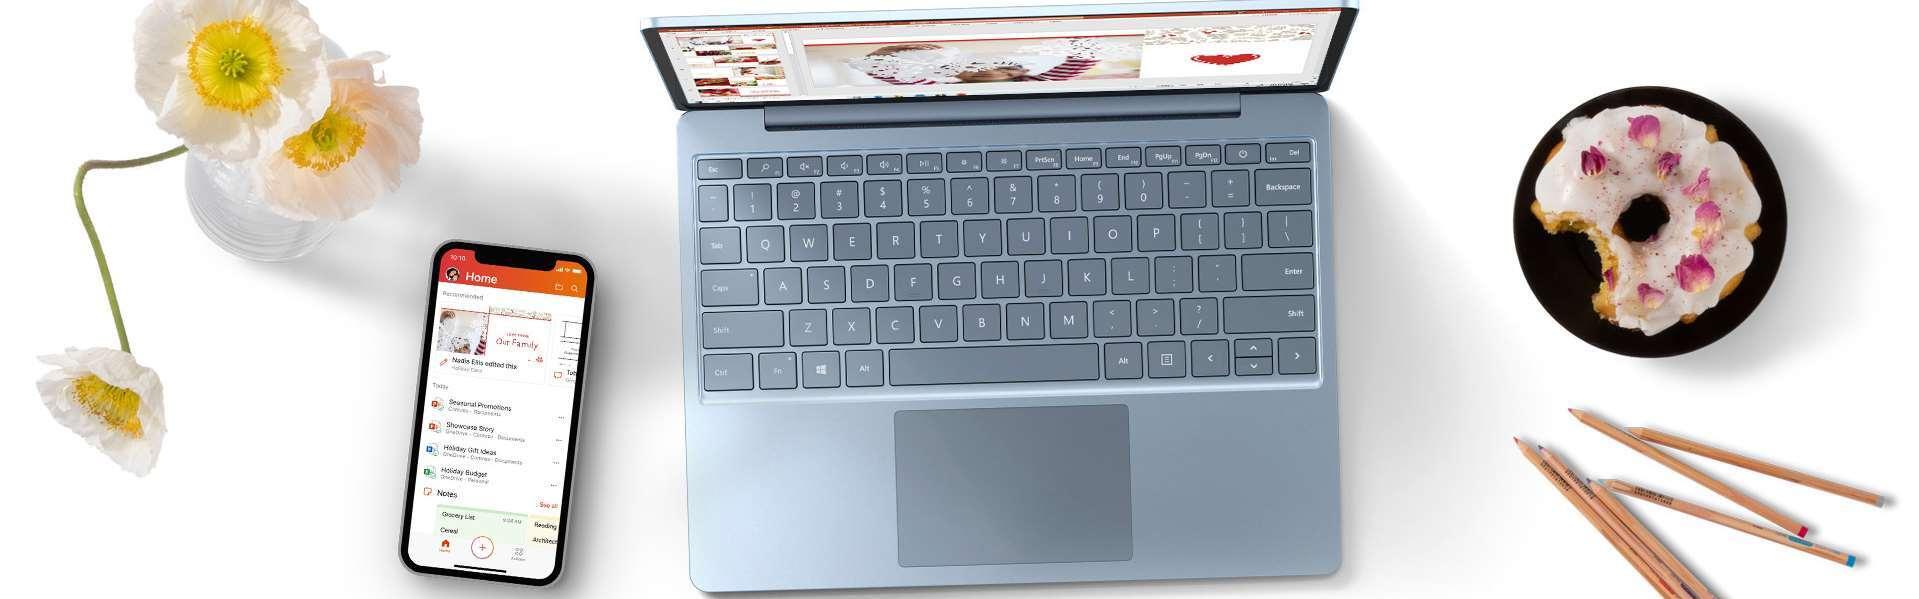 桌上摆放着 Surface Laptop Go、手机、鲜花和一盘甜甜圈